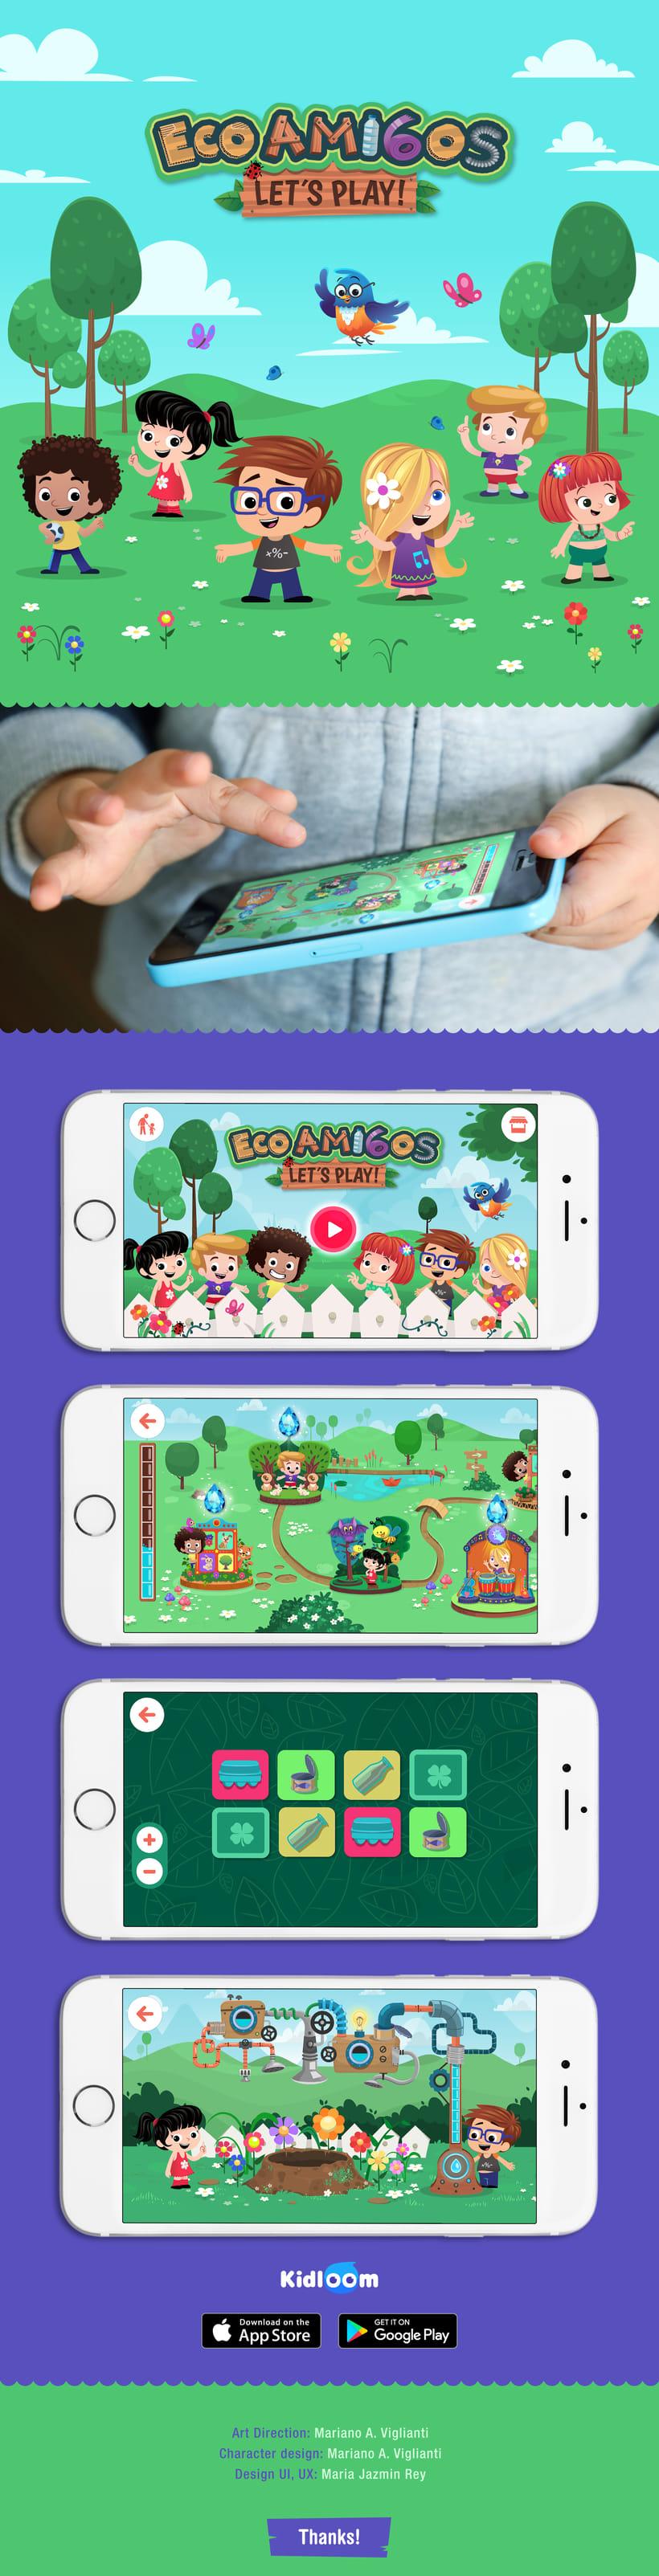 Ecoamigos let's play App -1